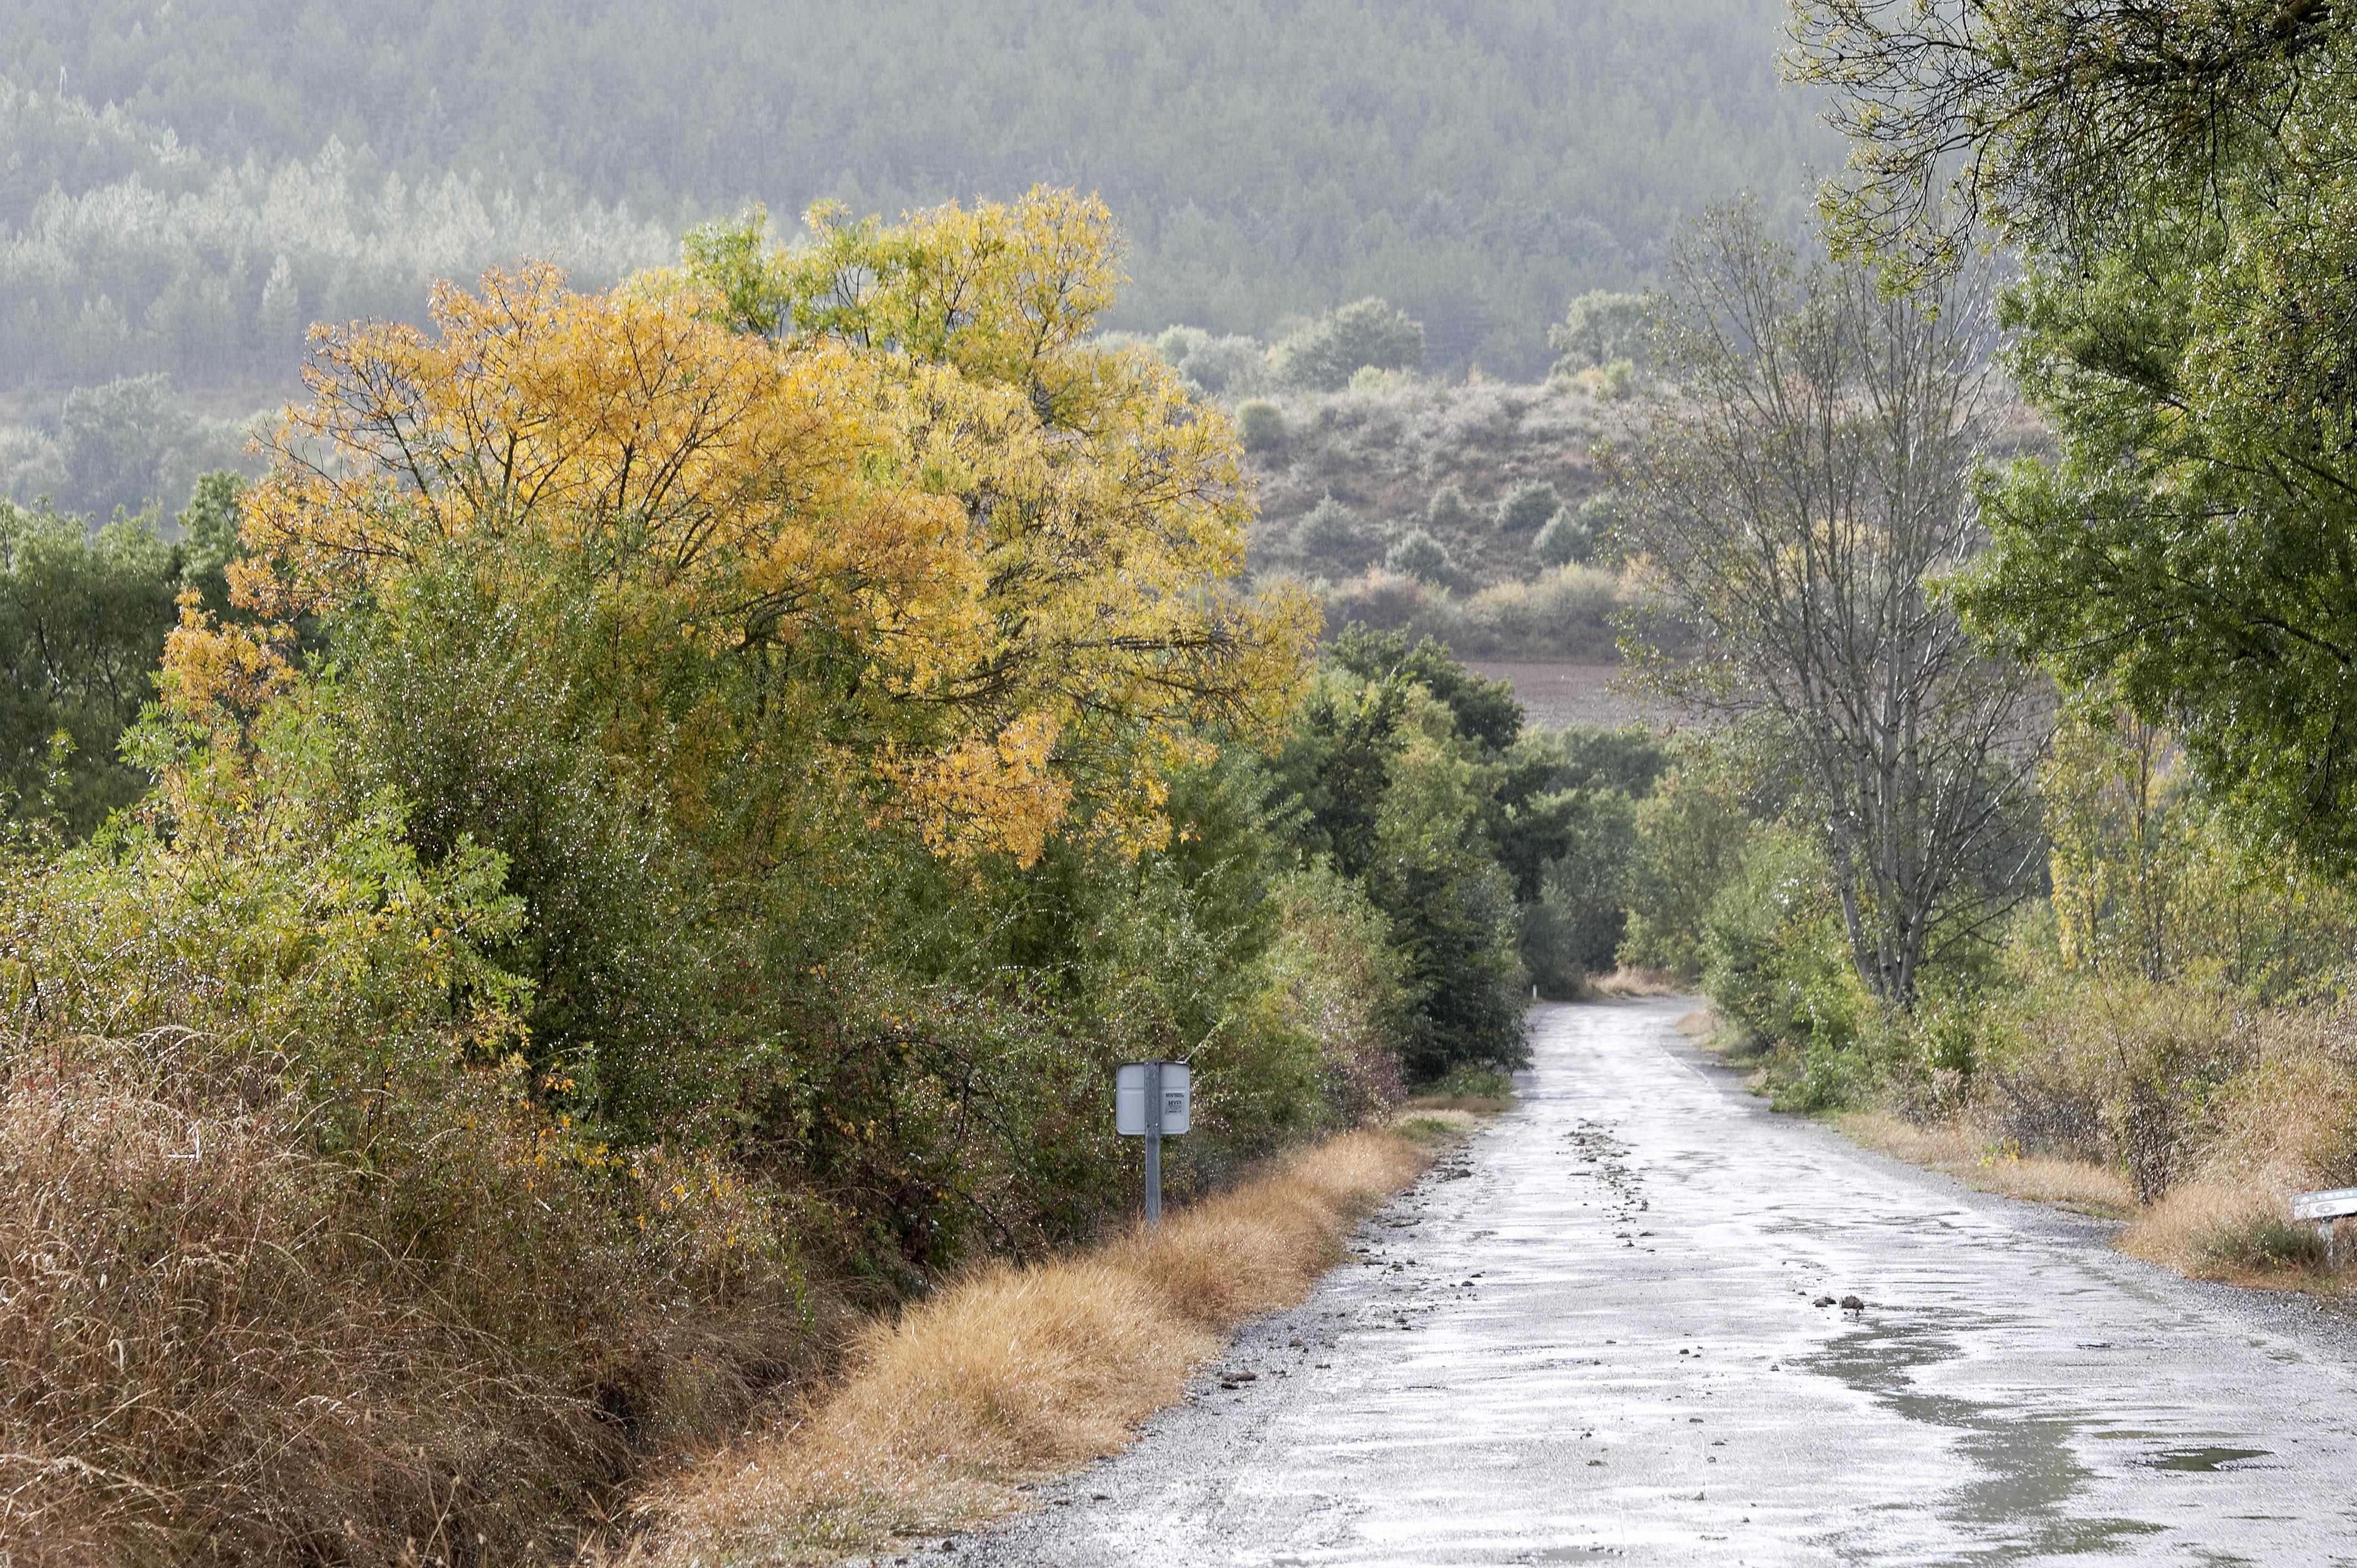 3306_Route de Ruesta - Lac Yesa (Aragon)